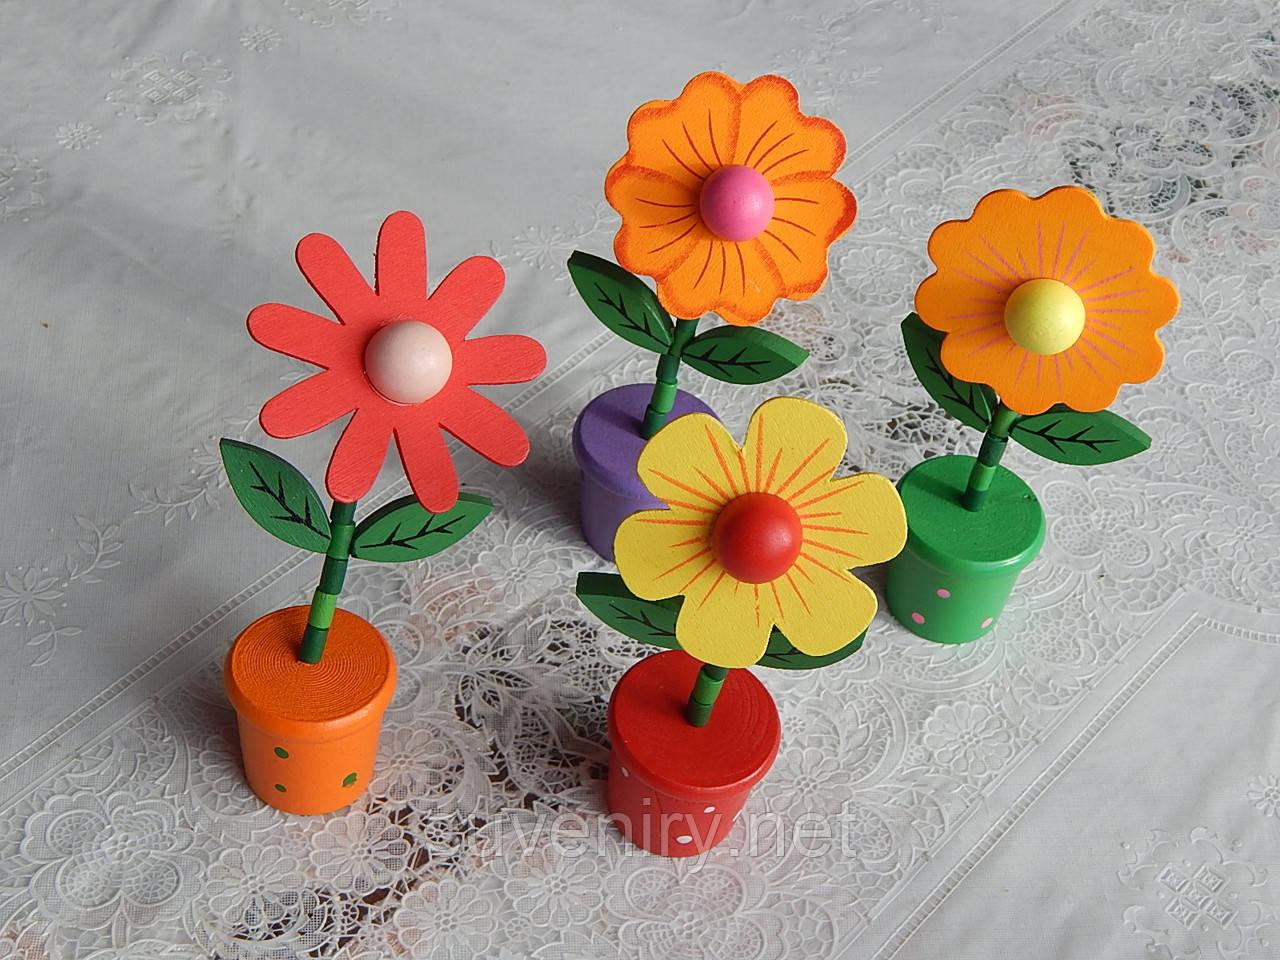 Детские деревянные игрушки падающие цветочки